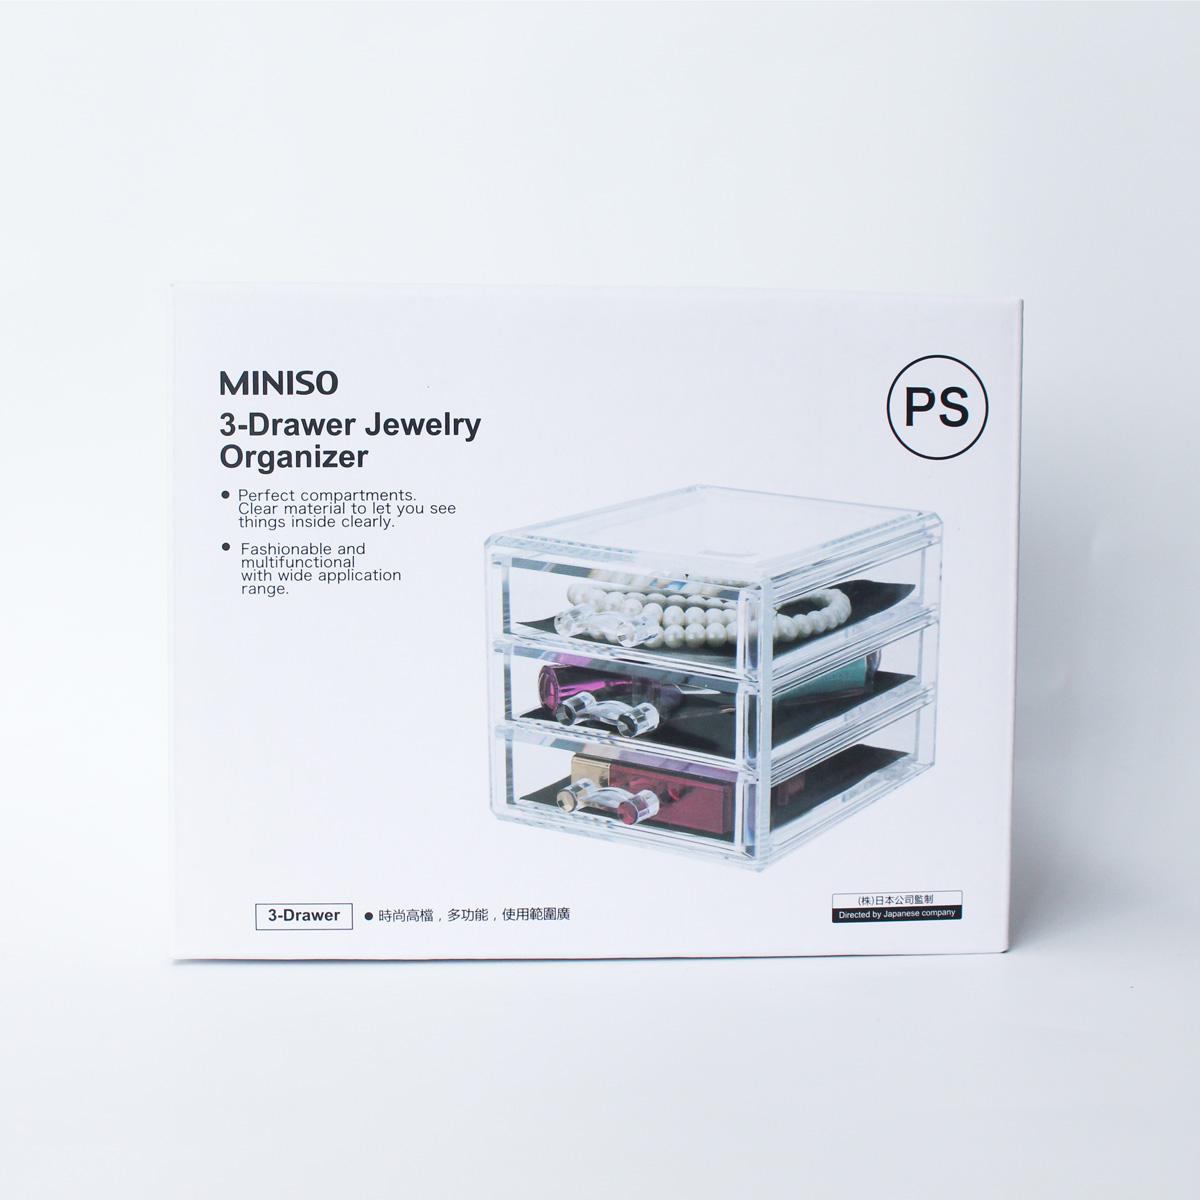 Khay đựng mỹ phẩm đồ trang điểm trang sức đa năng bằng mica 3 tầng MINISO 3-DRAWER JEWELRY ORGANIZER tiện lợi, chính hãng - MNS056